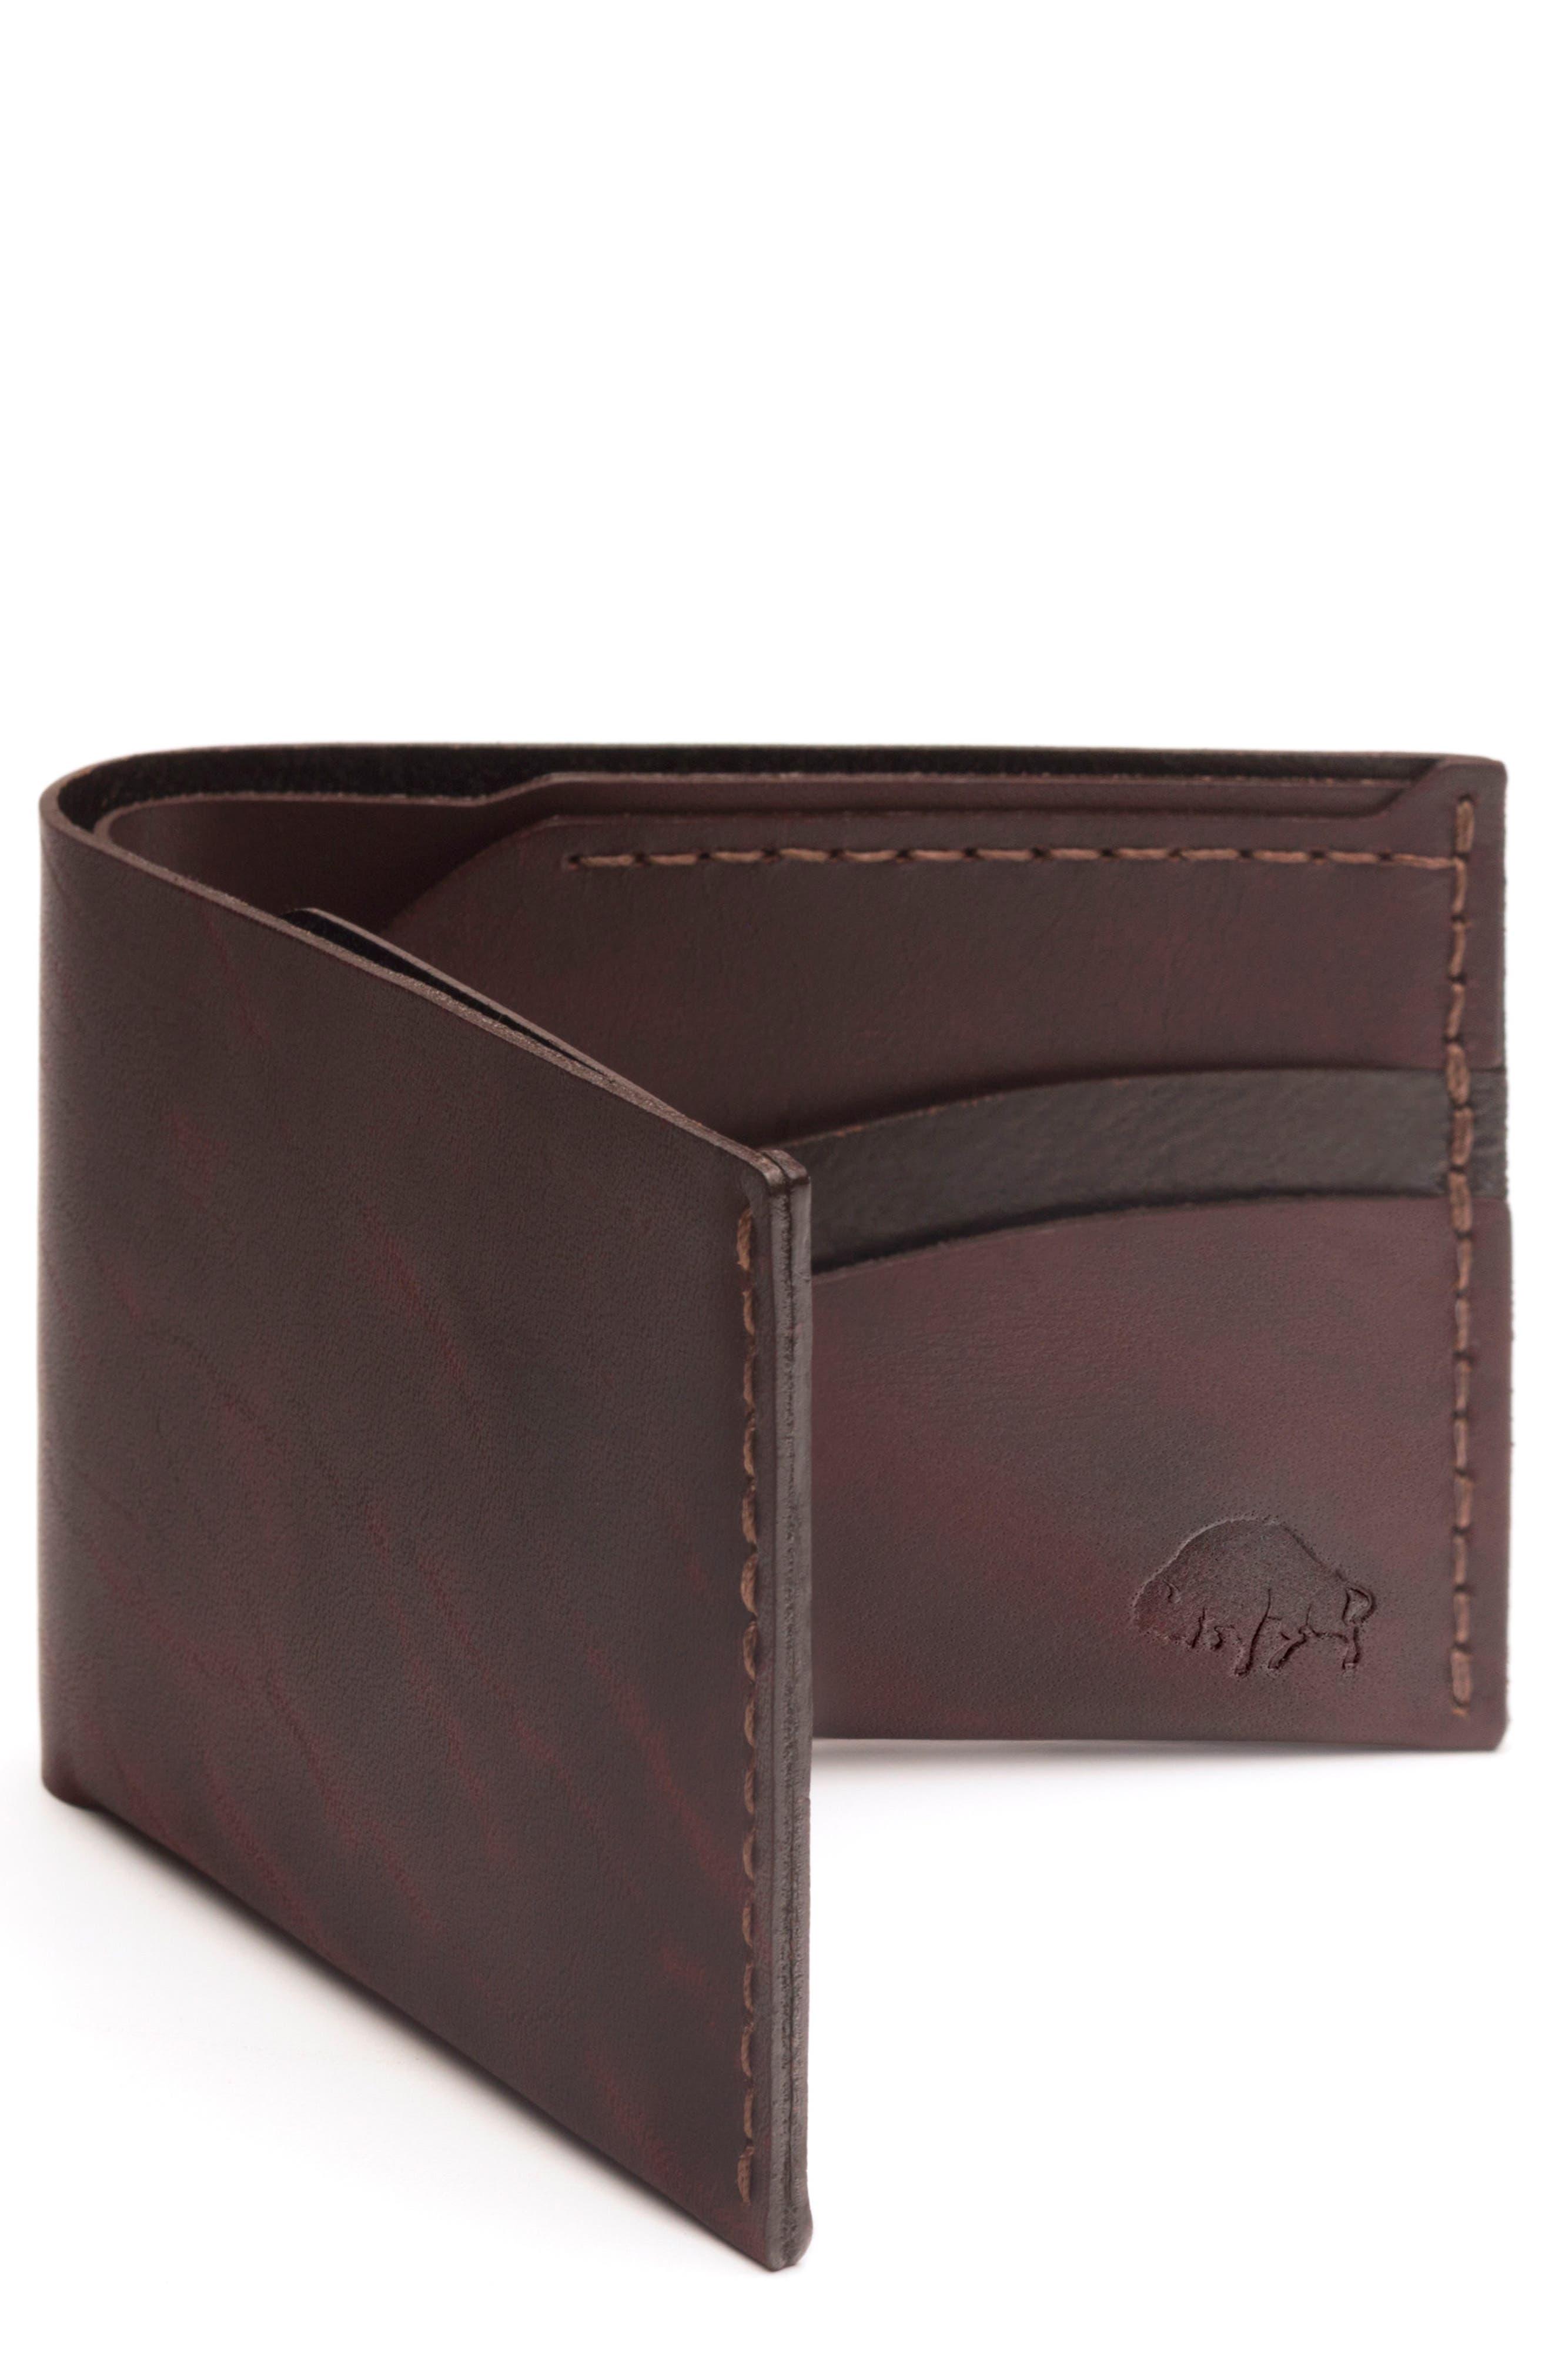 No. 6 Leather Wallet,                         Main,                         color, Malbec